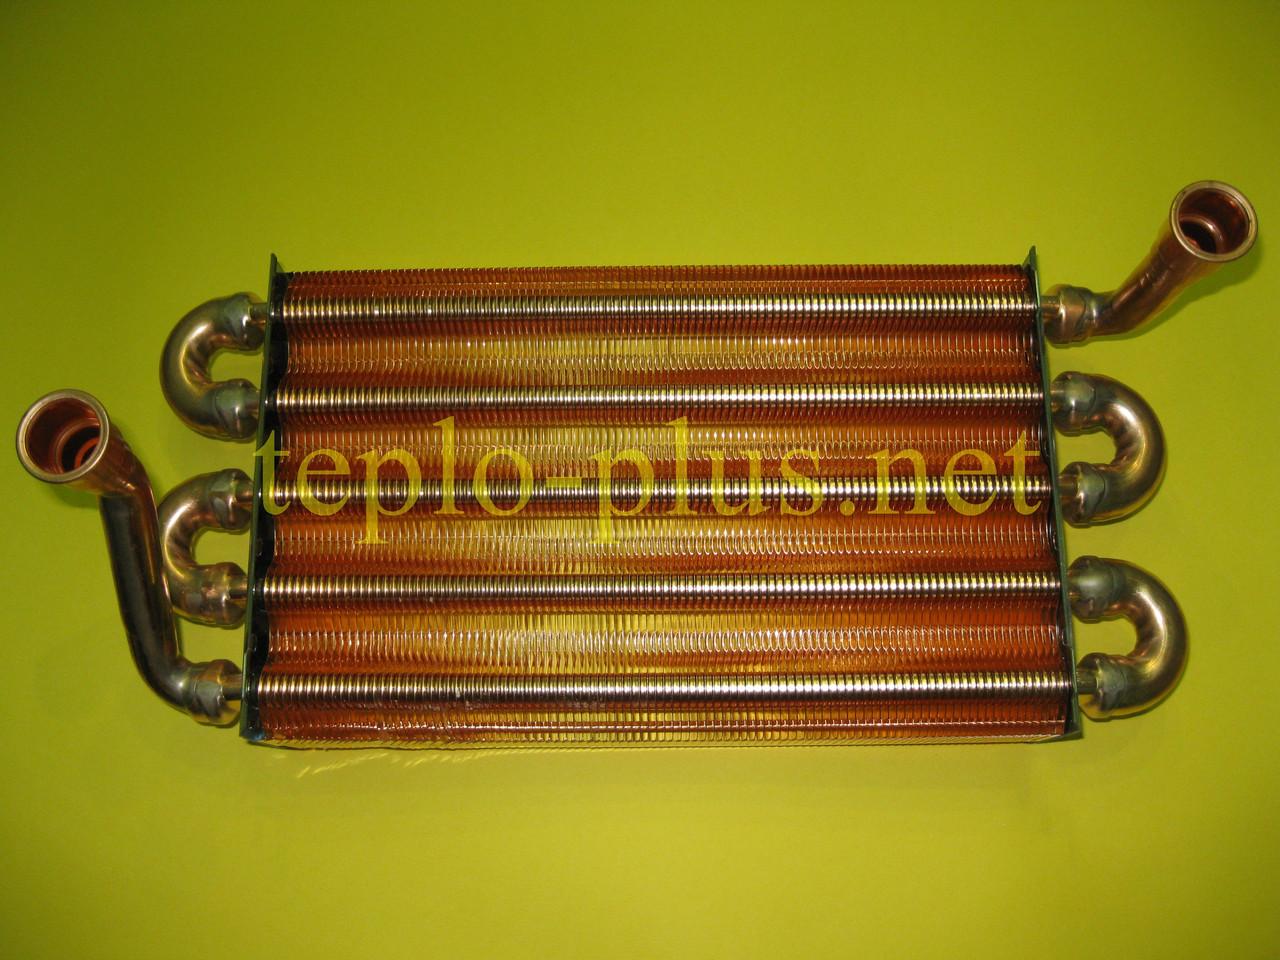 Теплообменник первичный (основной) S10599 Saunier Duval Themaclassic С25, F25